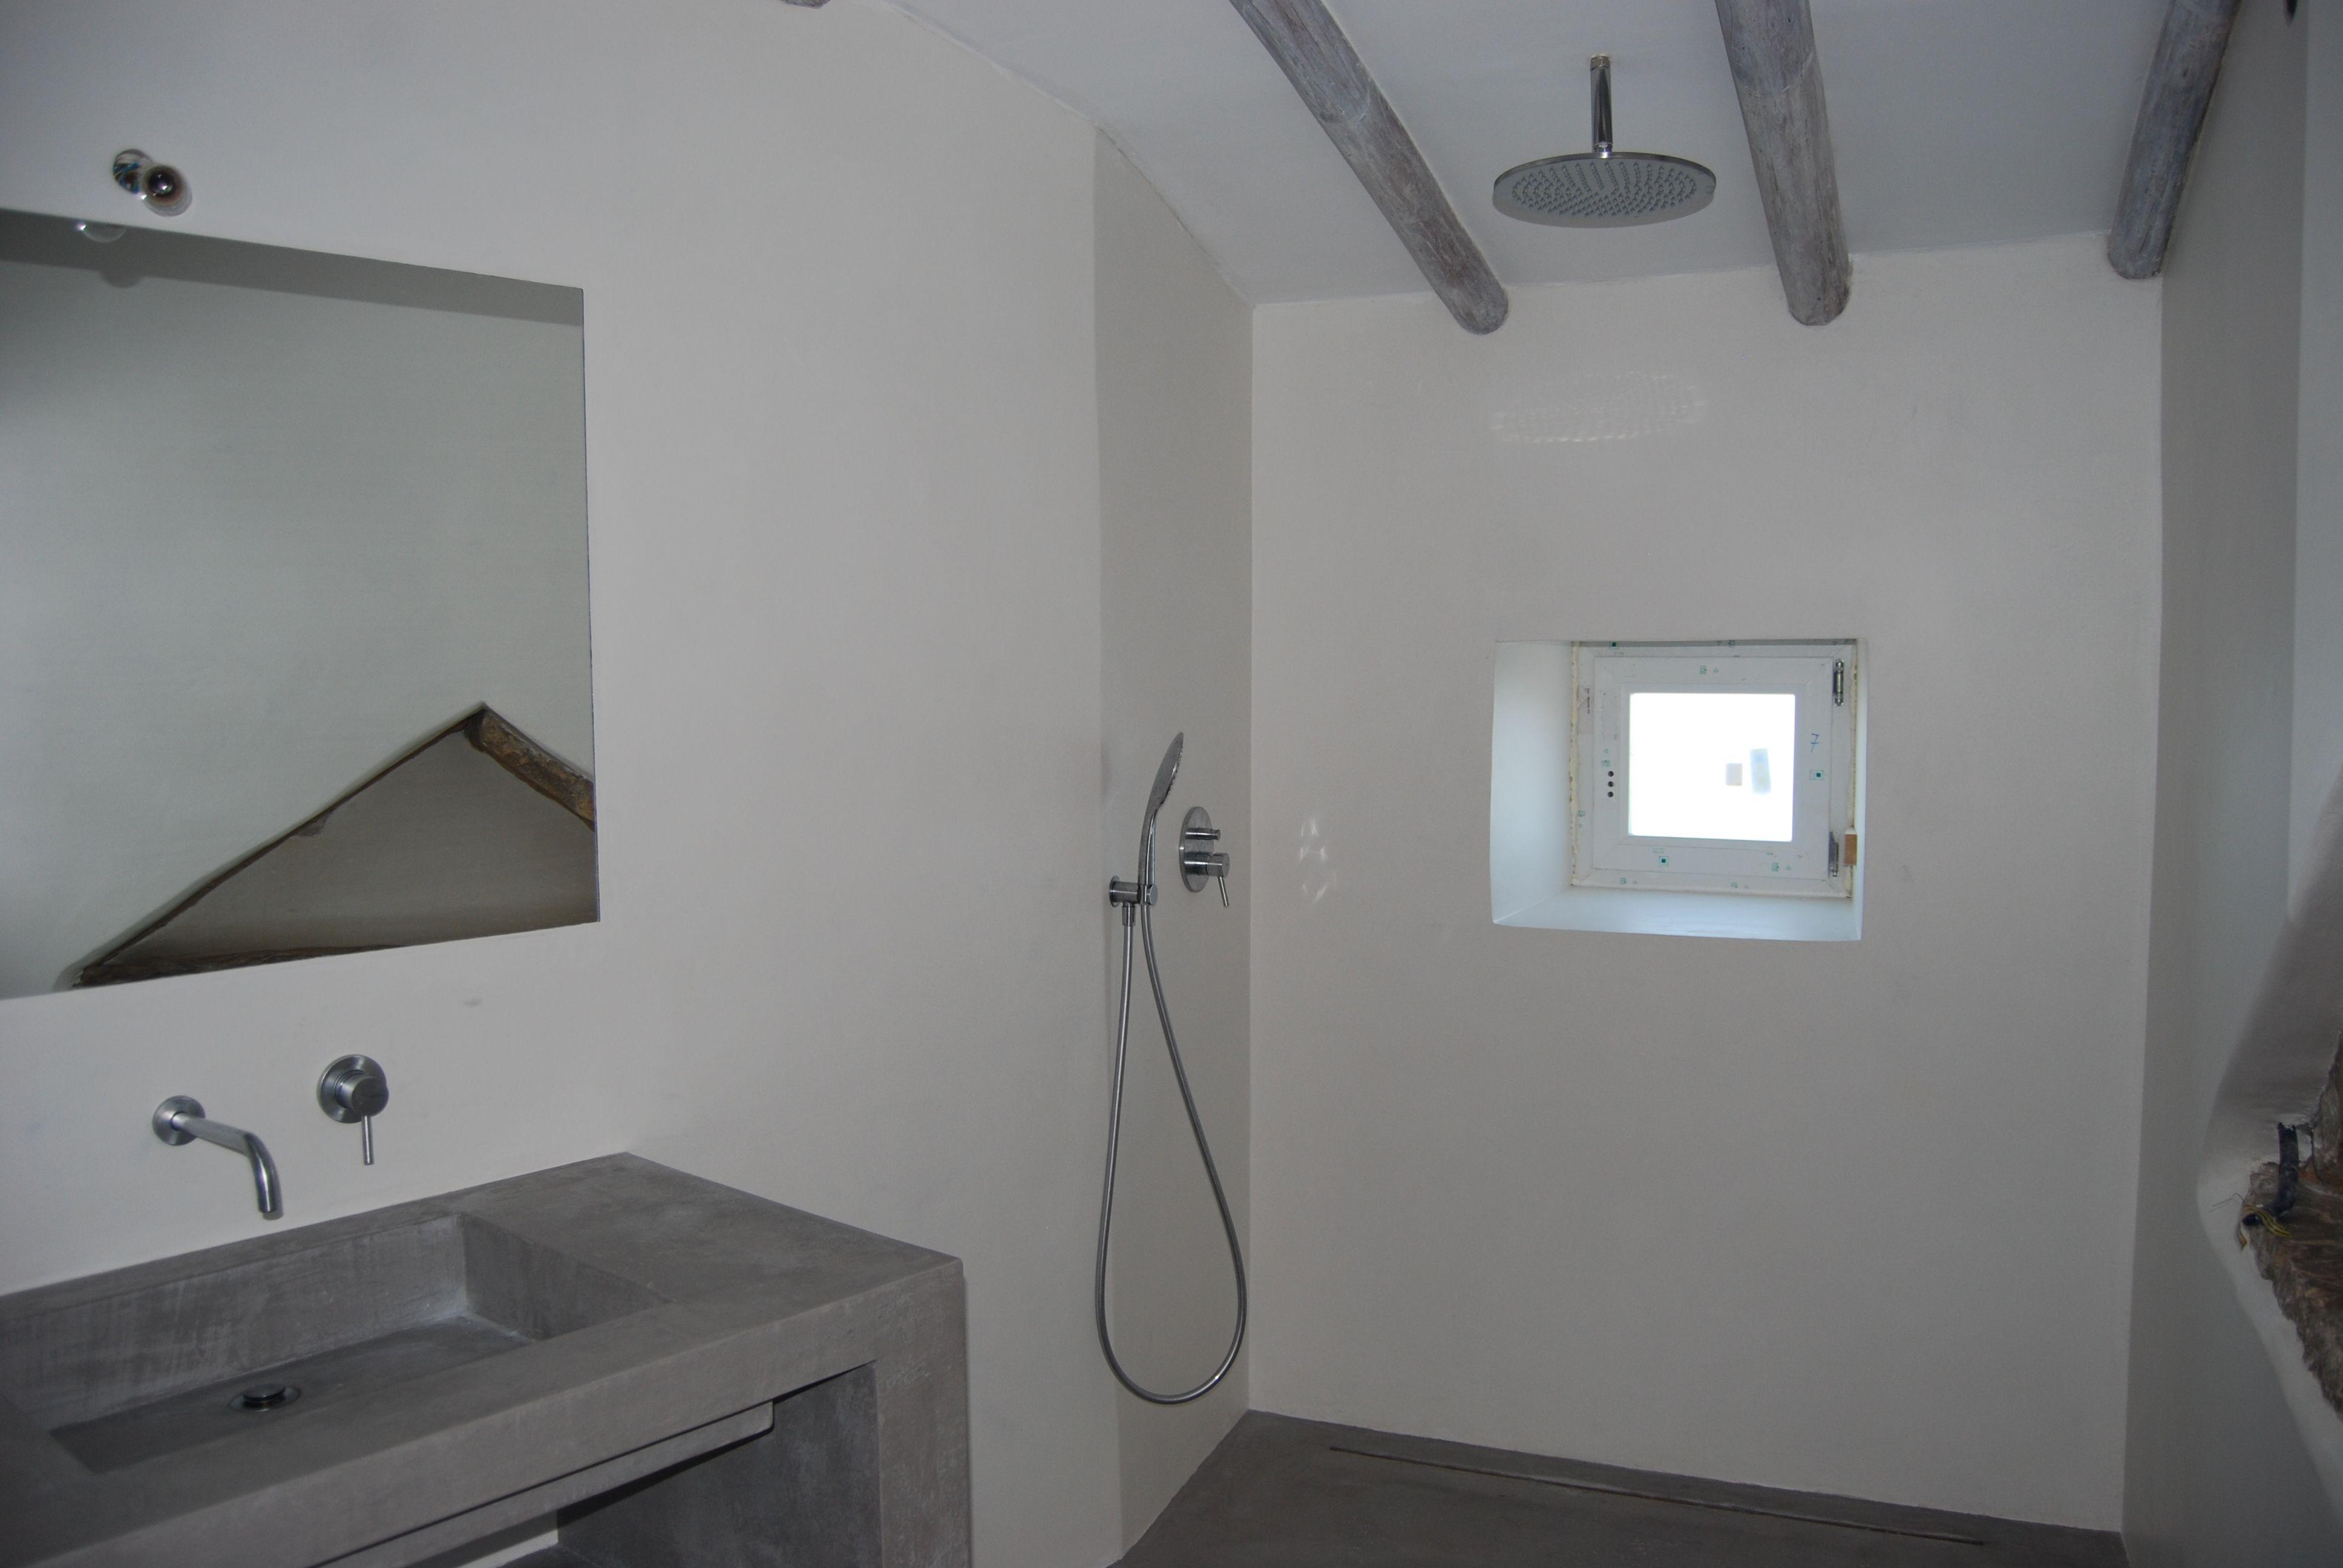 badkamer slaapkamer 2, met regendouche